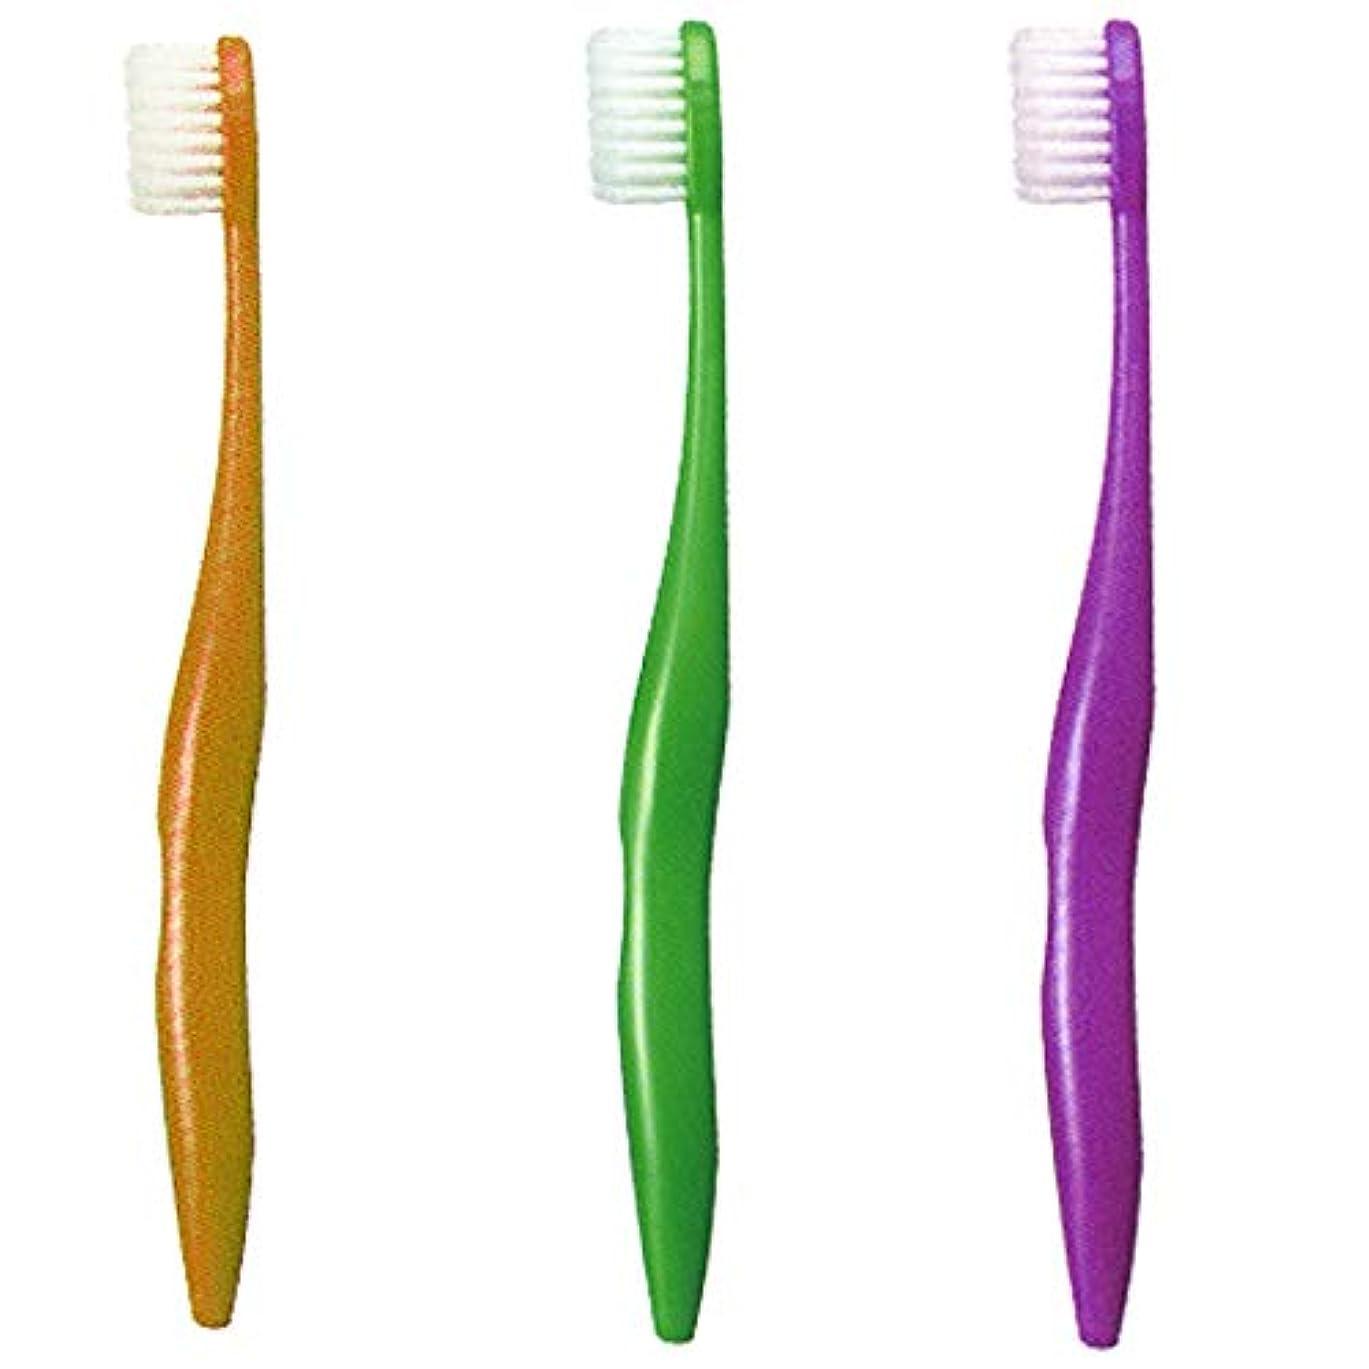 純粋な汚すビット日本製 歯ブラシ ライカブル ミニ 12本【ライカブル】